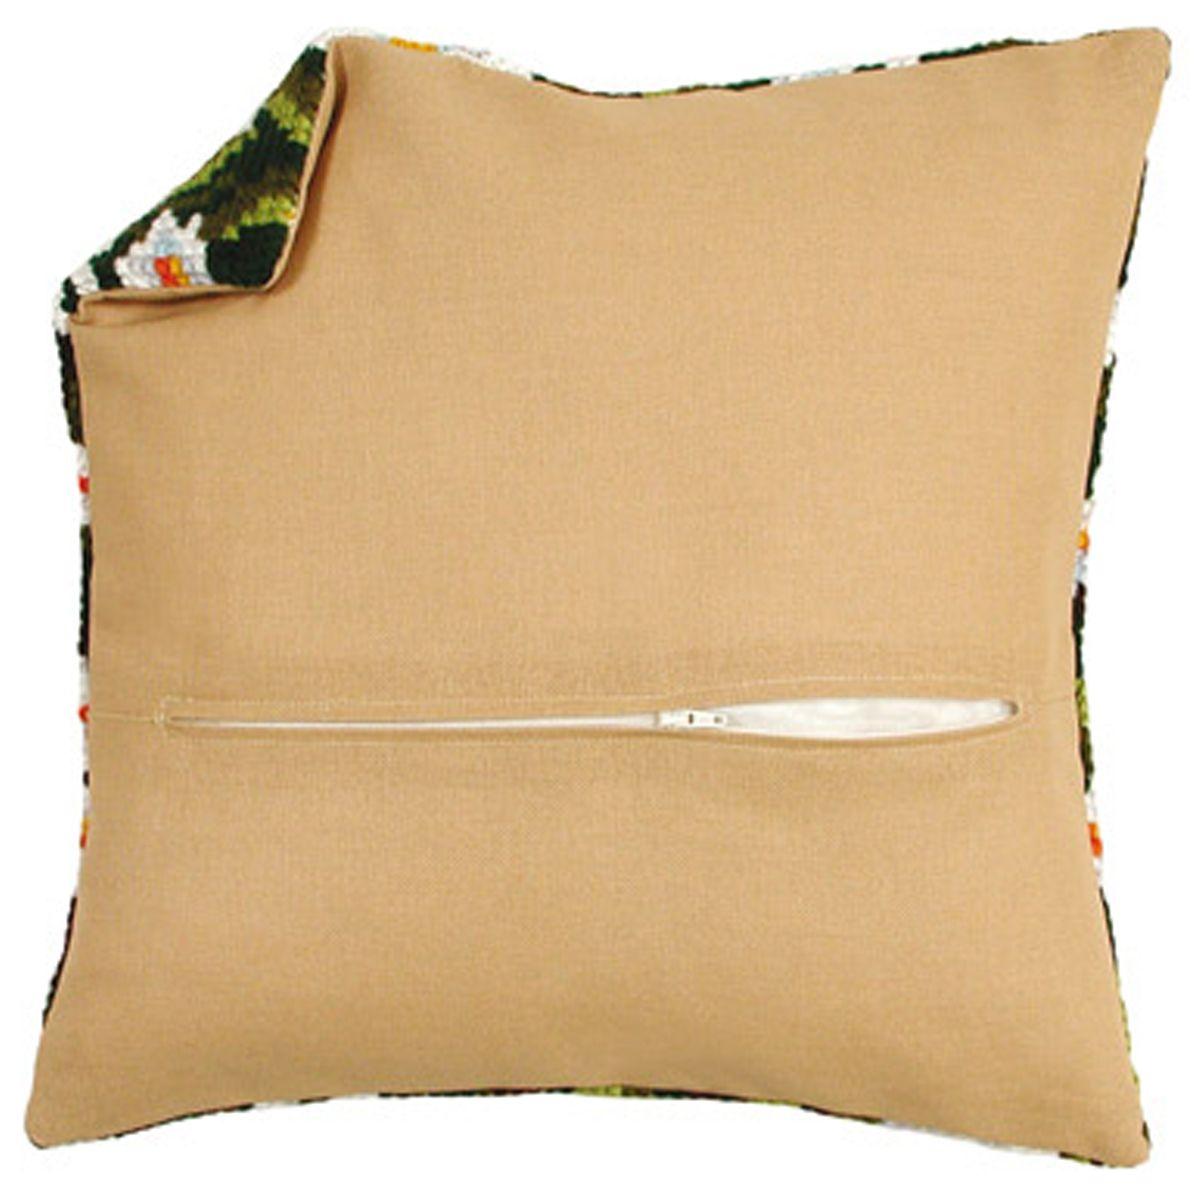 Обратная сторона подушки Vervaco, 45 х 45 см, цвет: бежевый19201Обратная сторона подушки с уже вшитой молнией. Идеальна для подушек размером 40х40 см. В центре вшит замок-молния, вам останется только пришить ее к декоративной части подушки.Состав: 100% хлопок.Упаковка: п/э пакет с подвесом